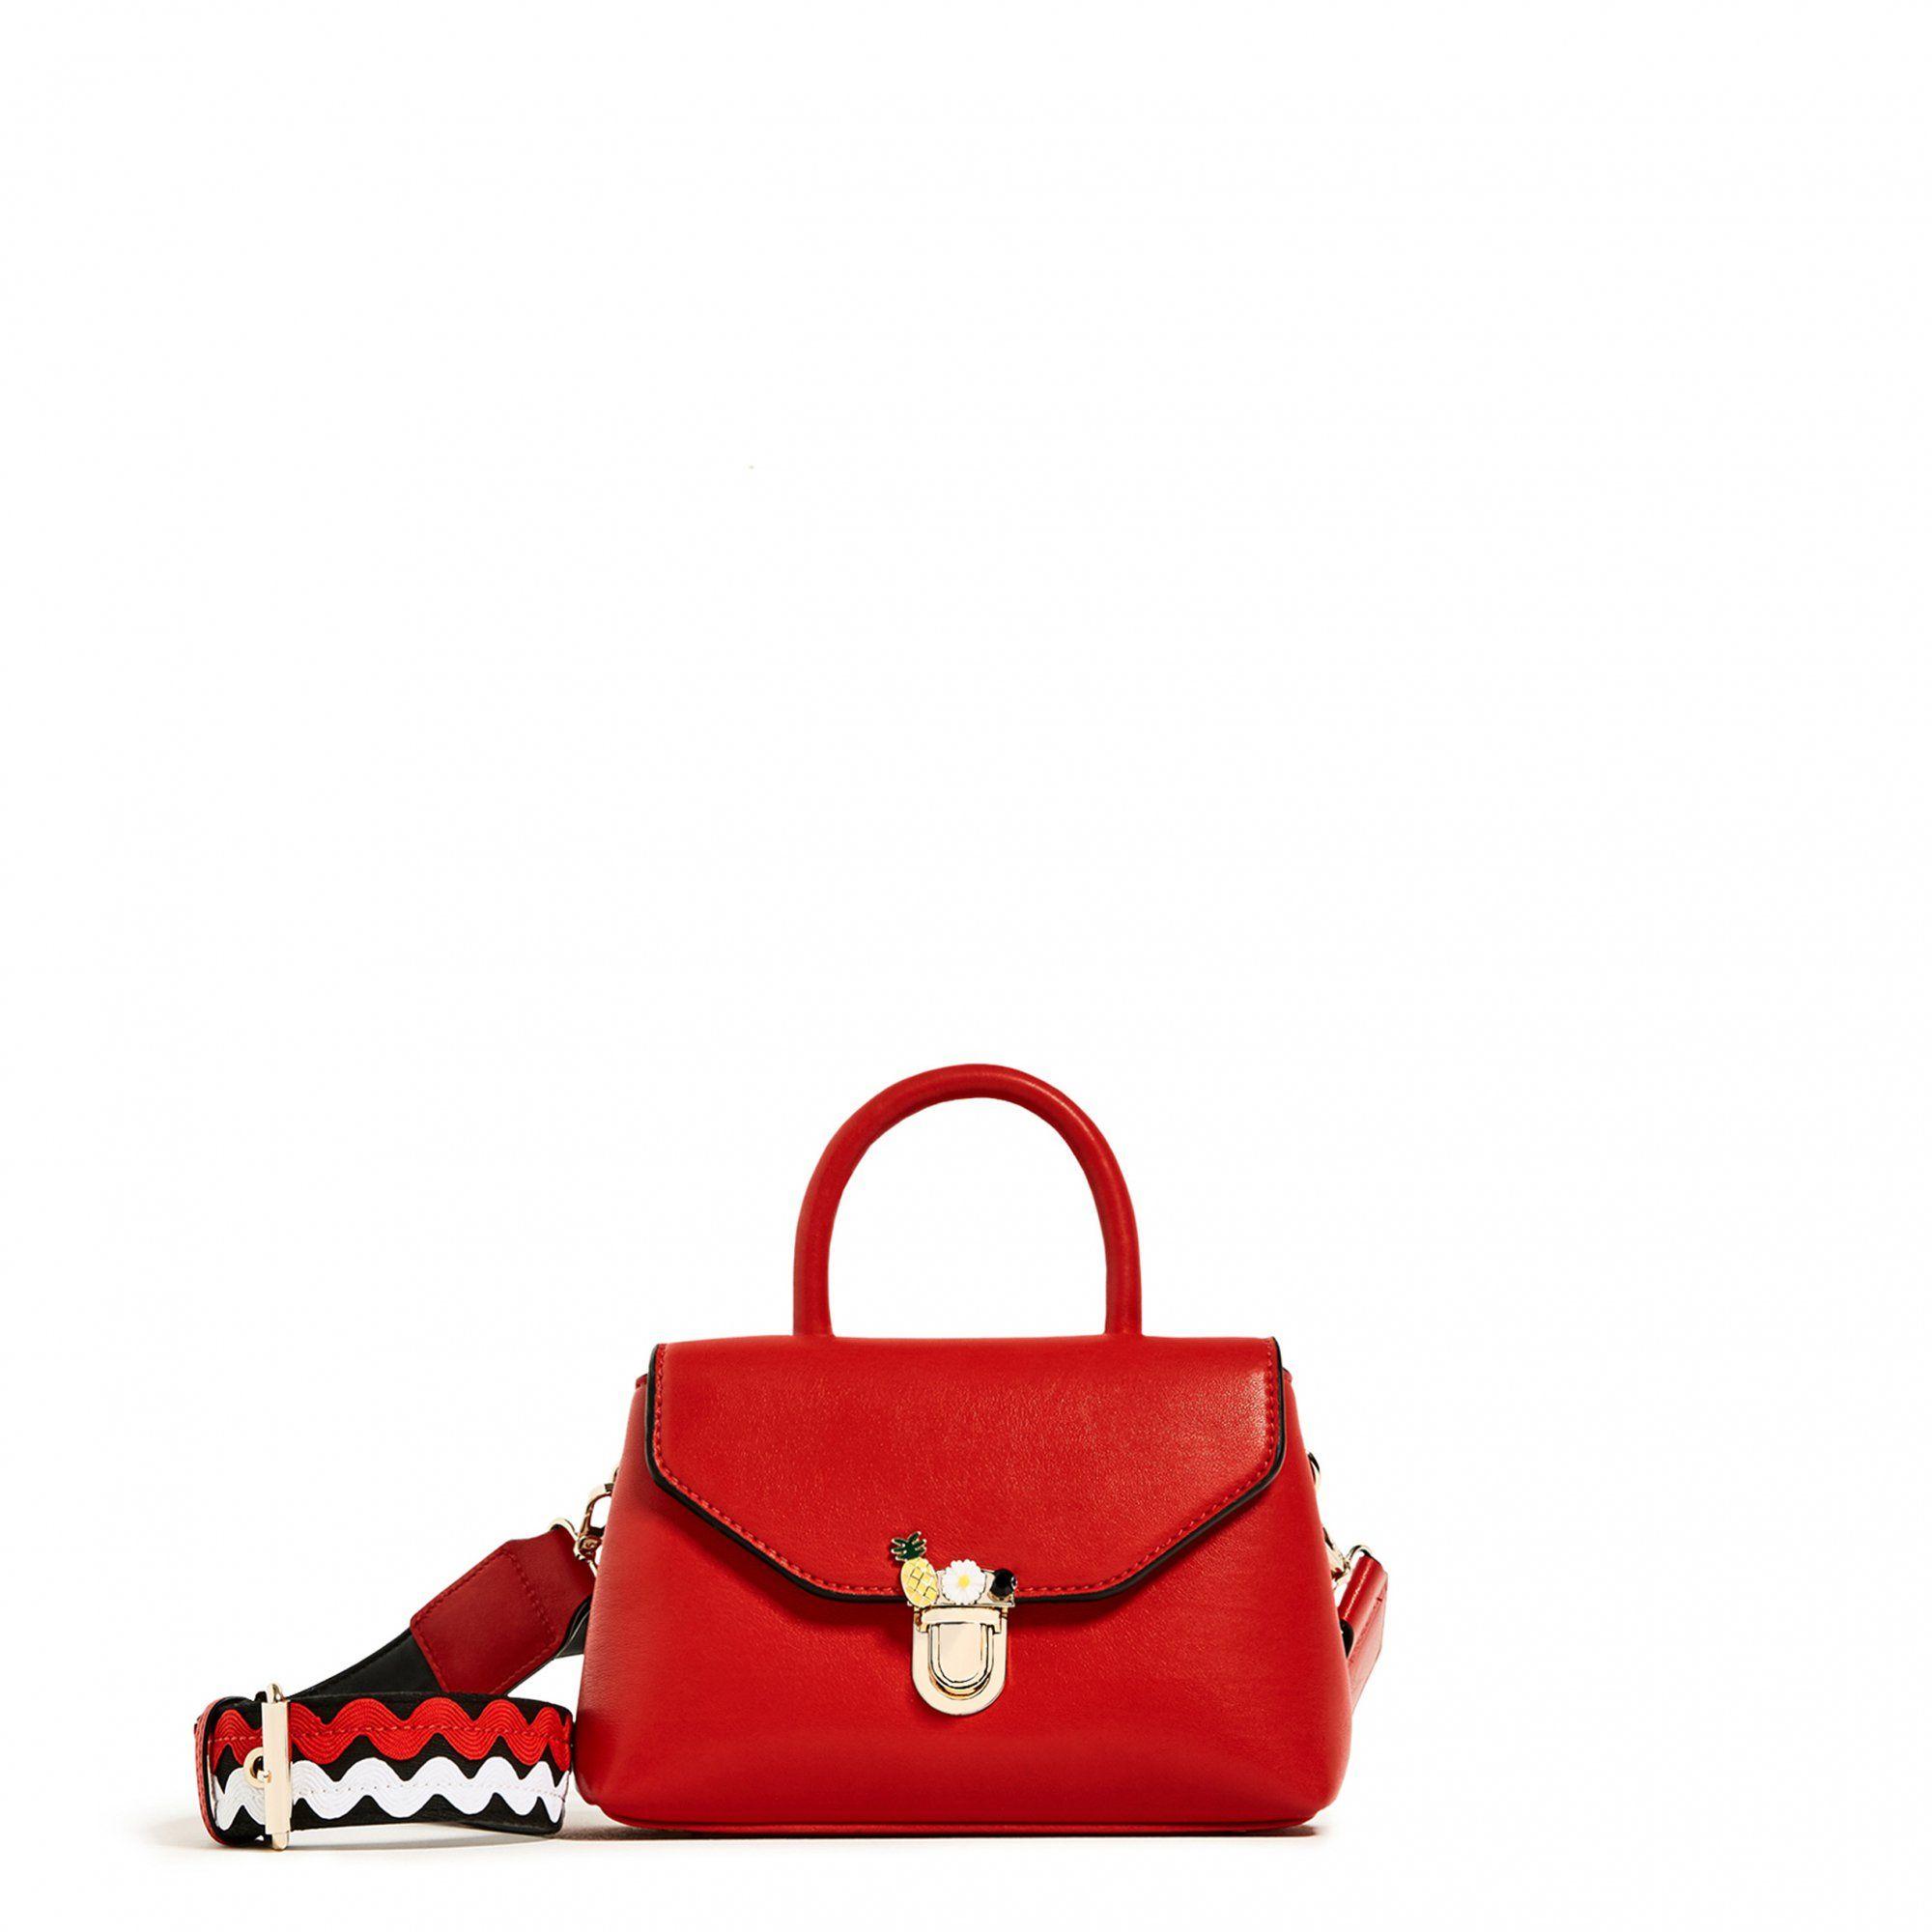 Zara collection printemps été 2020 : 20 pièces qu'on adore